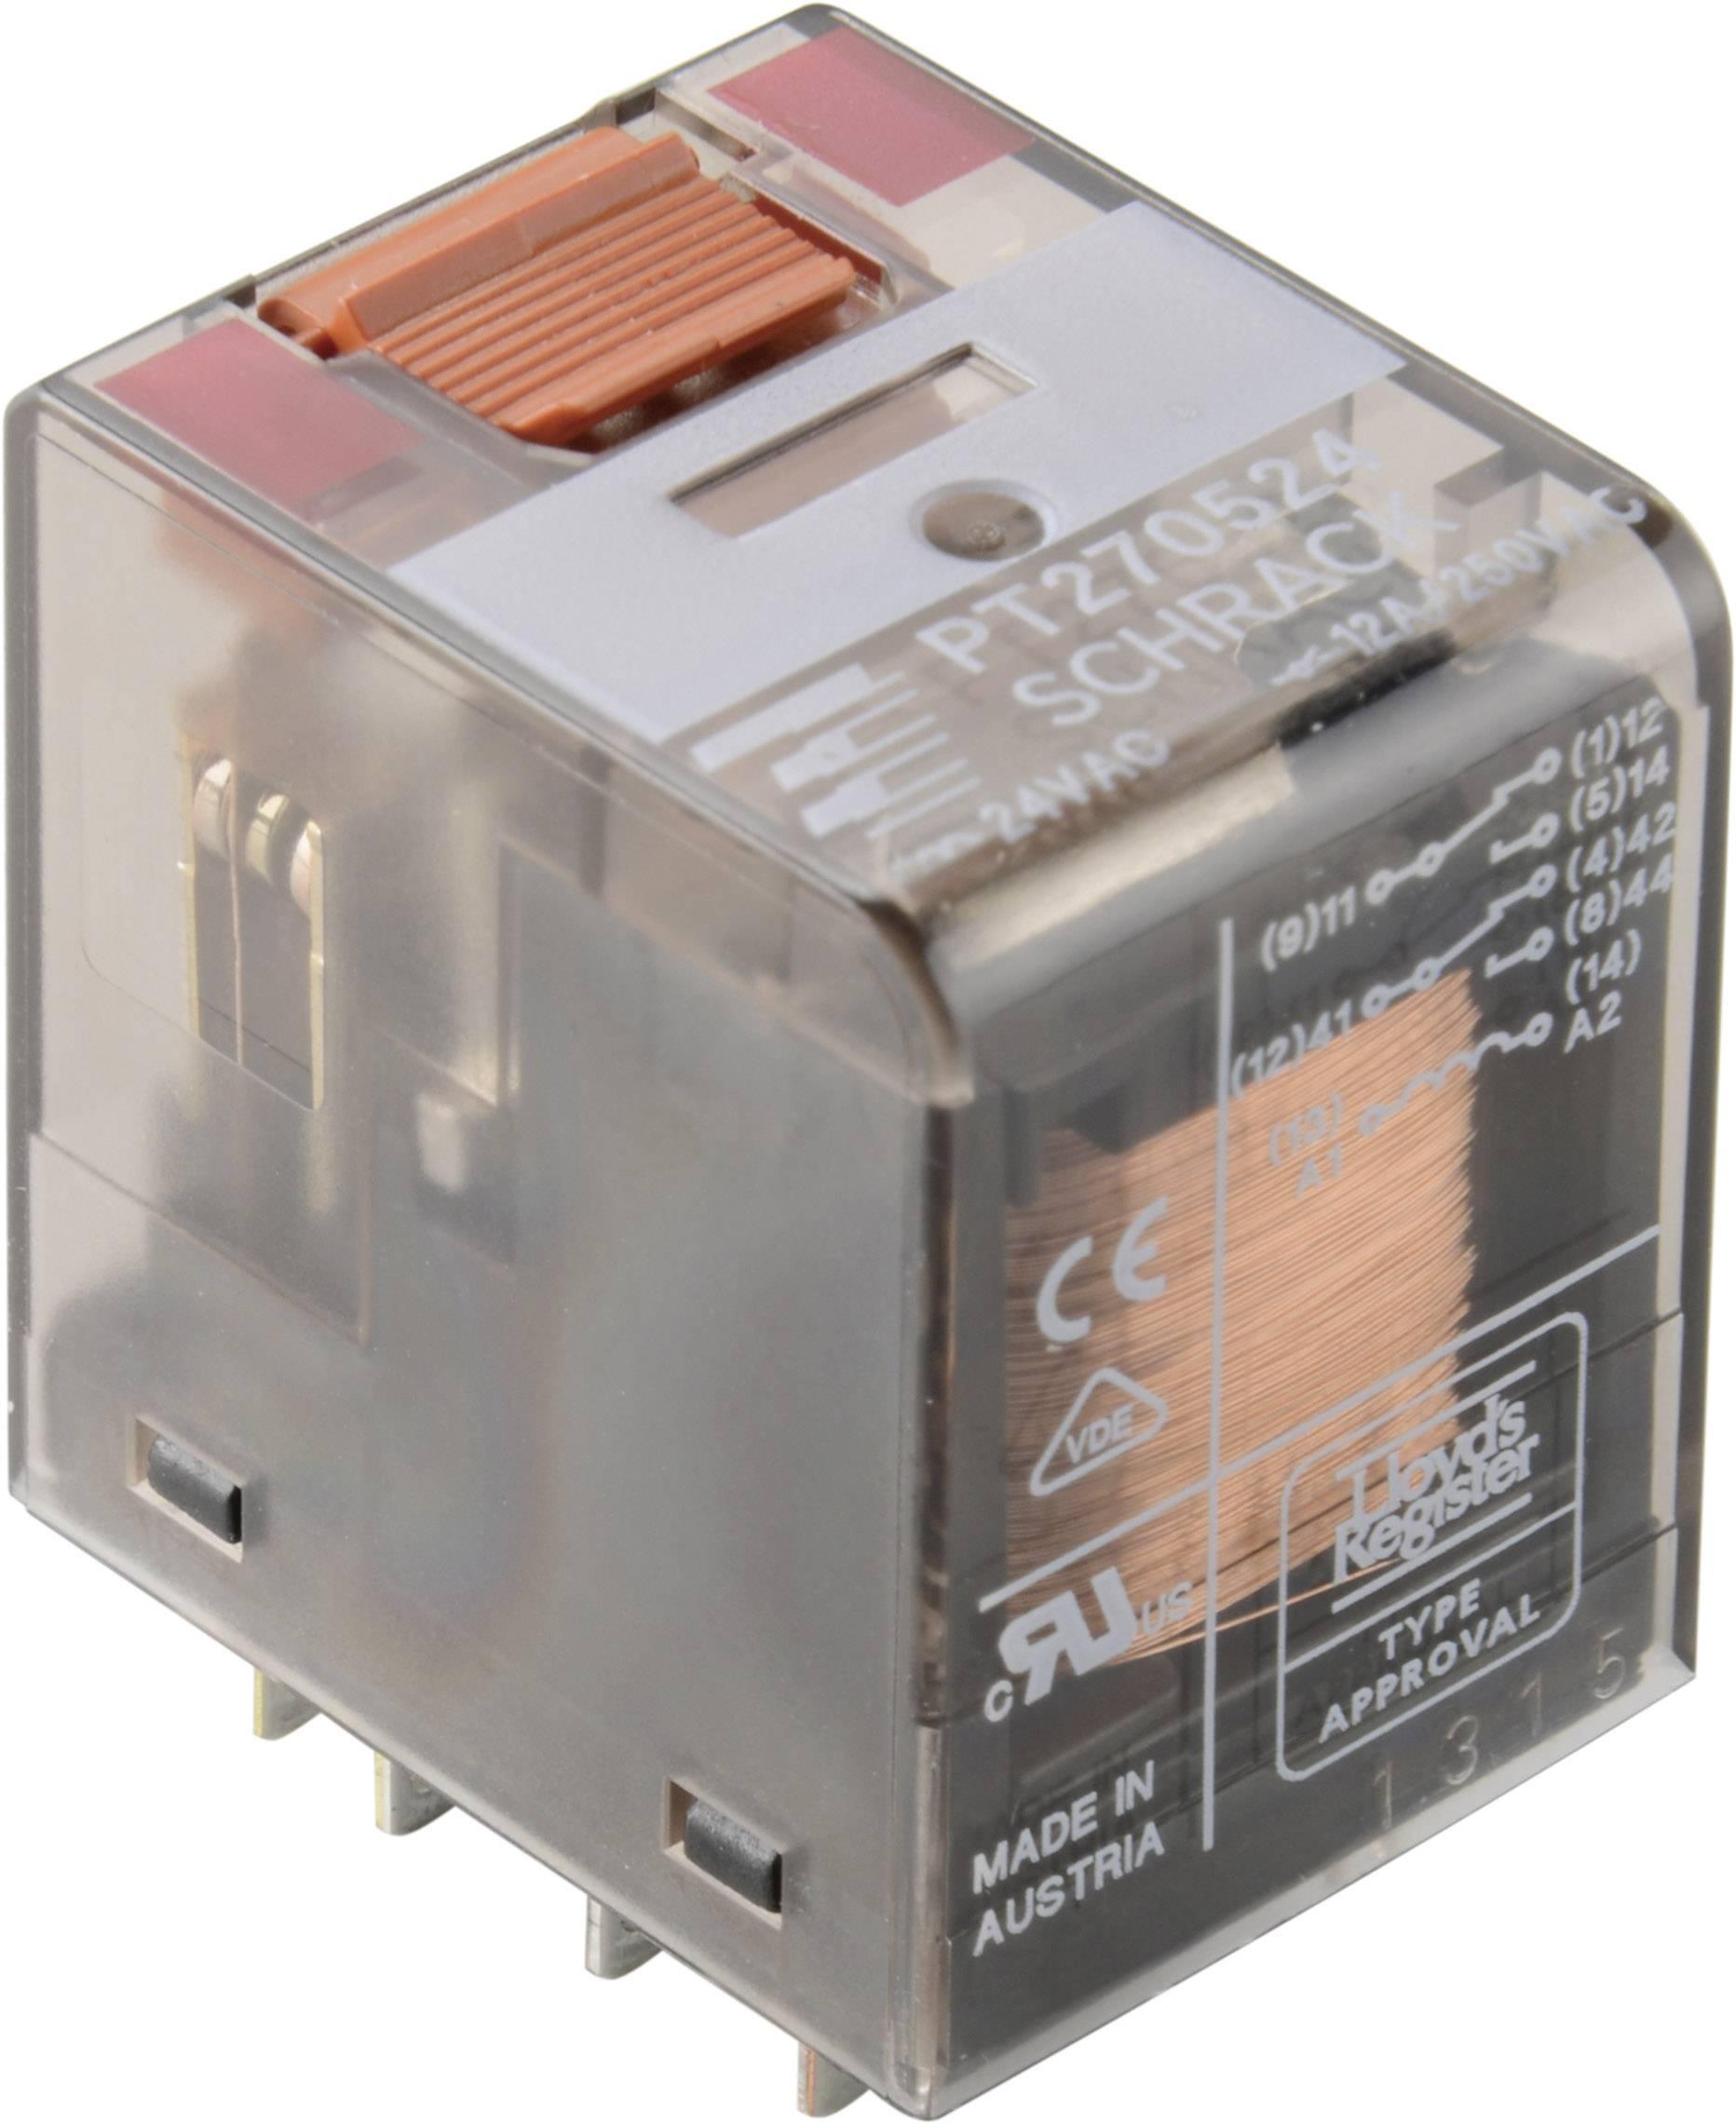 Miniaturní relé PT TE Connectivity 1-3993154-2, PT570024, 6 A, 440 V/AC 1500 VA